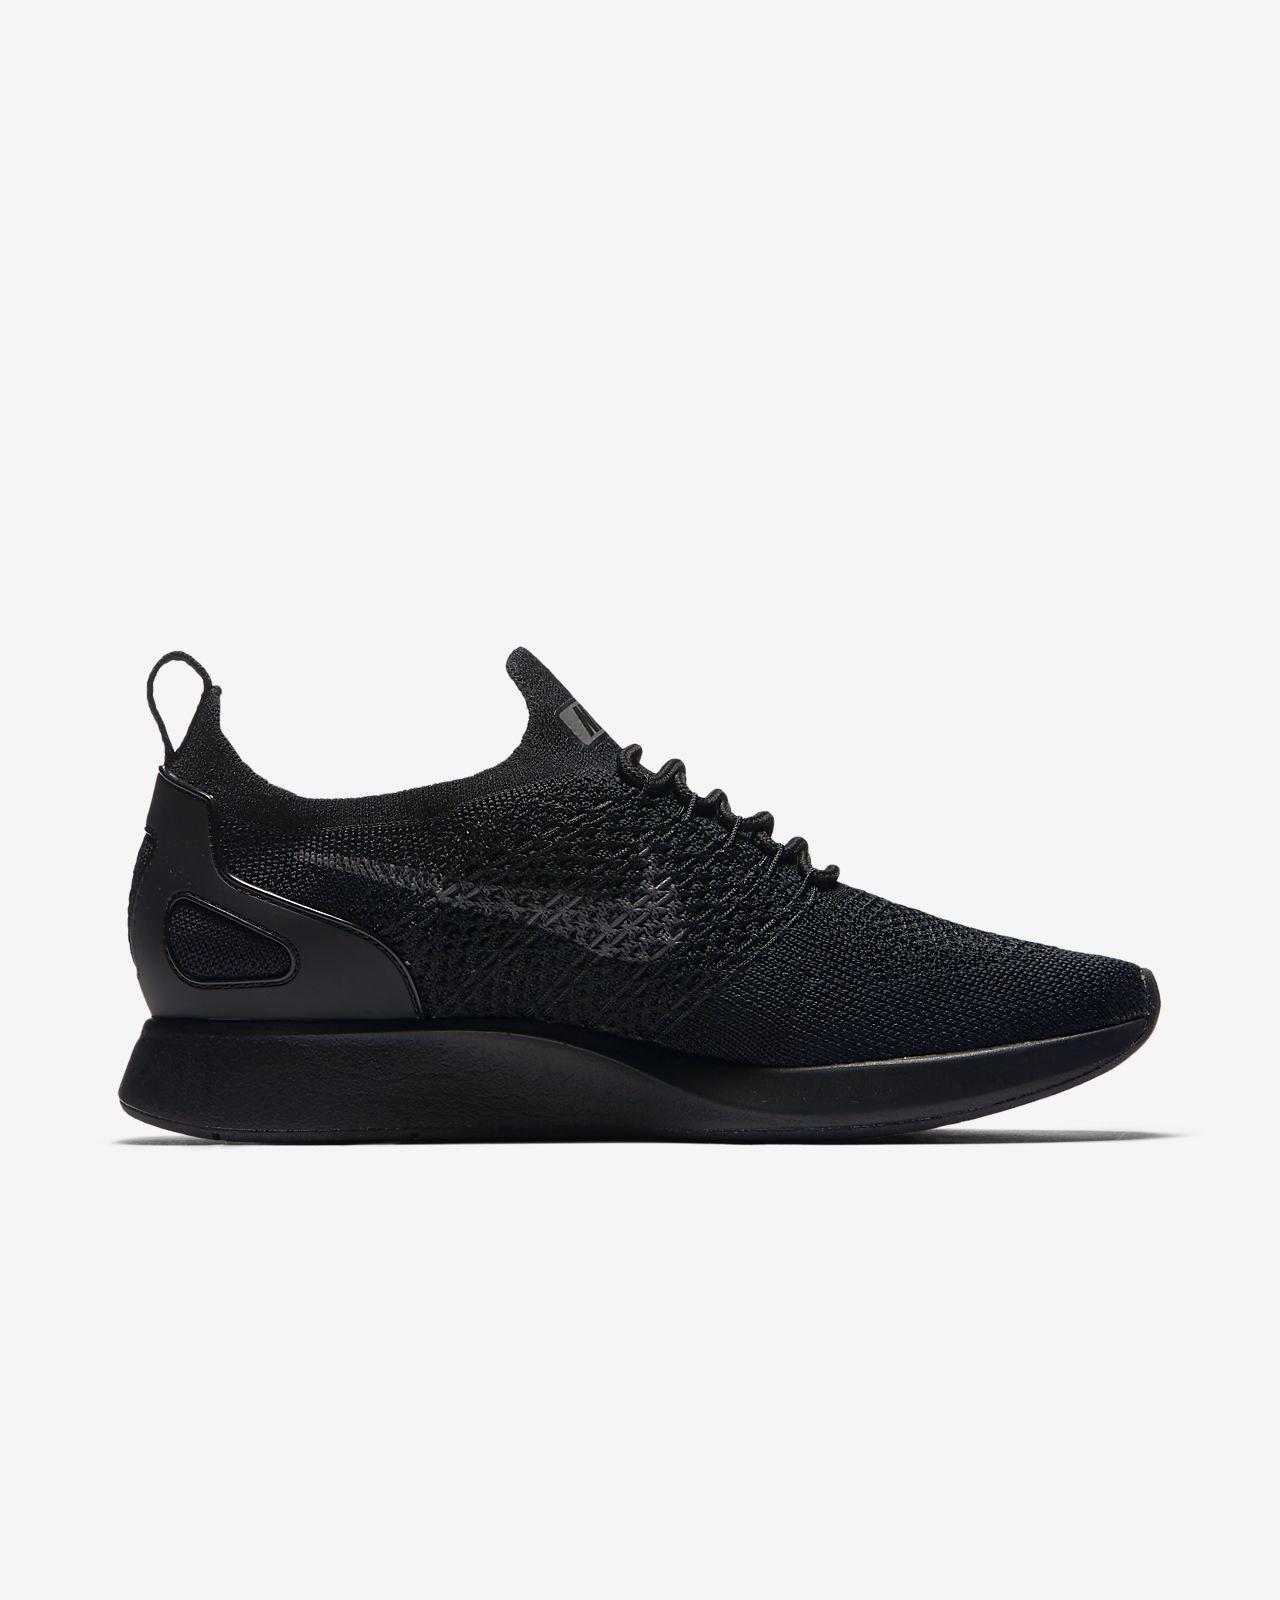 Nike Air Zoom Mariah Chaussures Baskets De Course Lo Flyknit Gris Noir Noir Gris rivoeAWX6